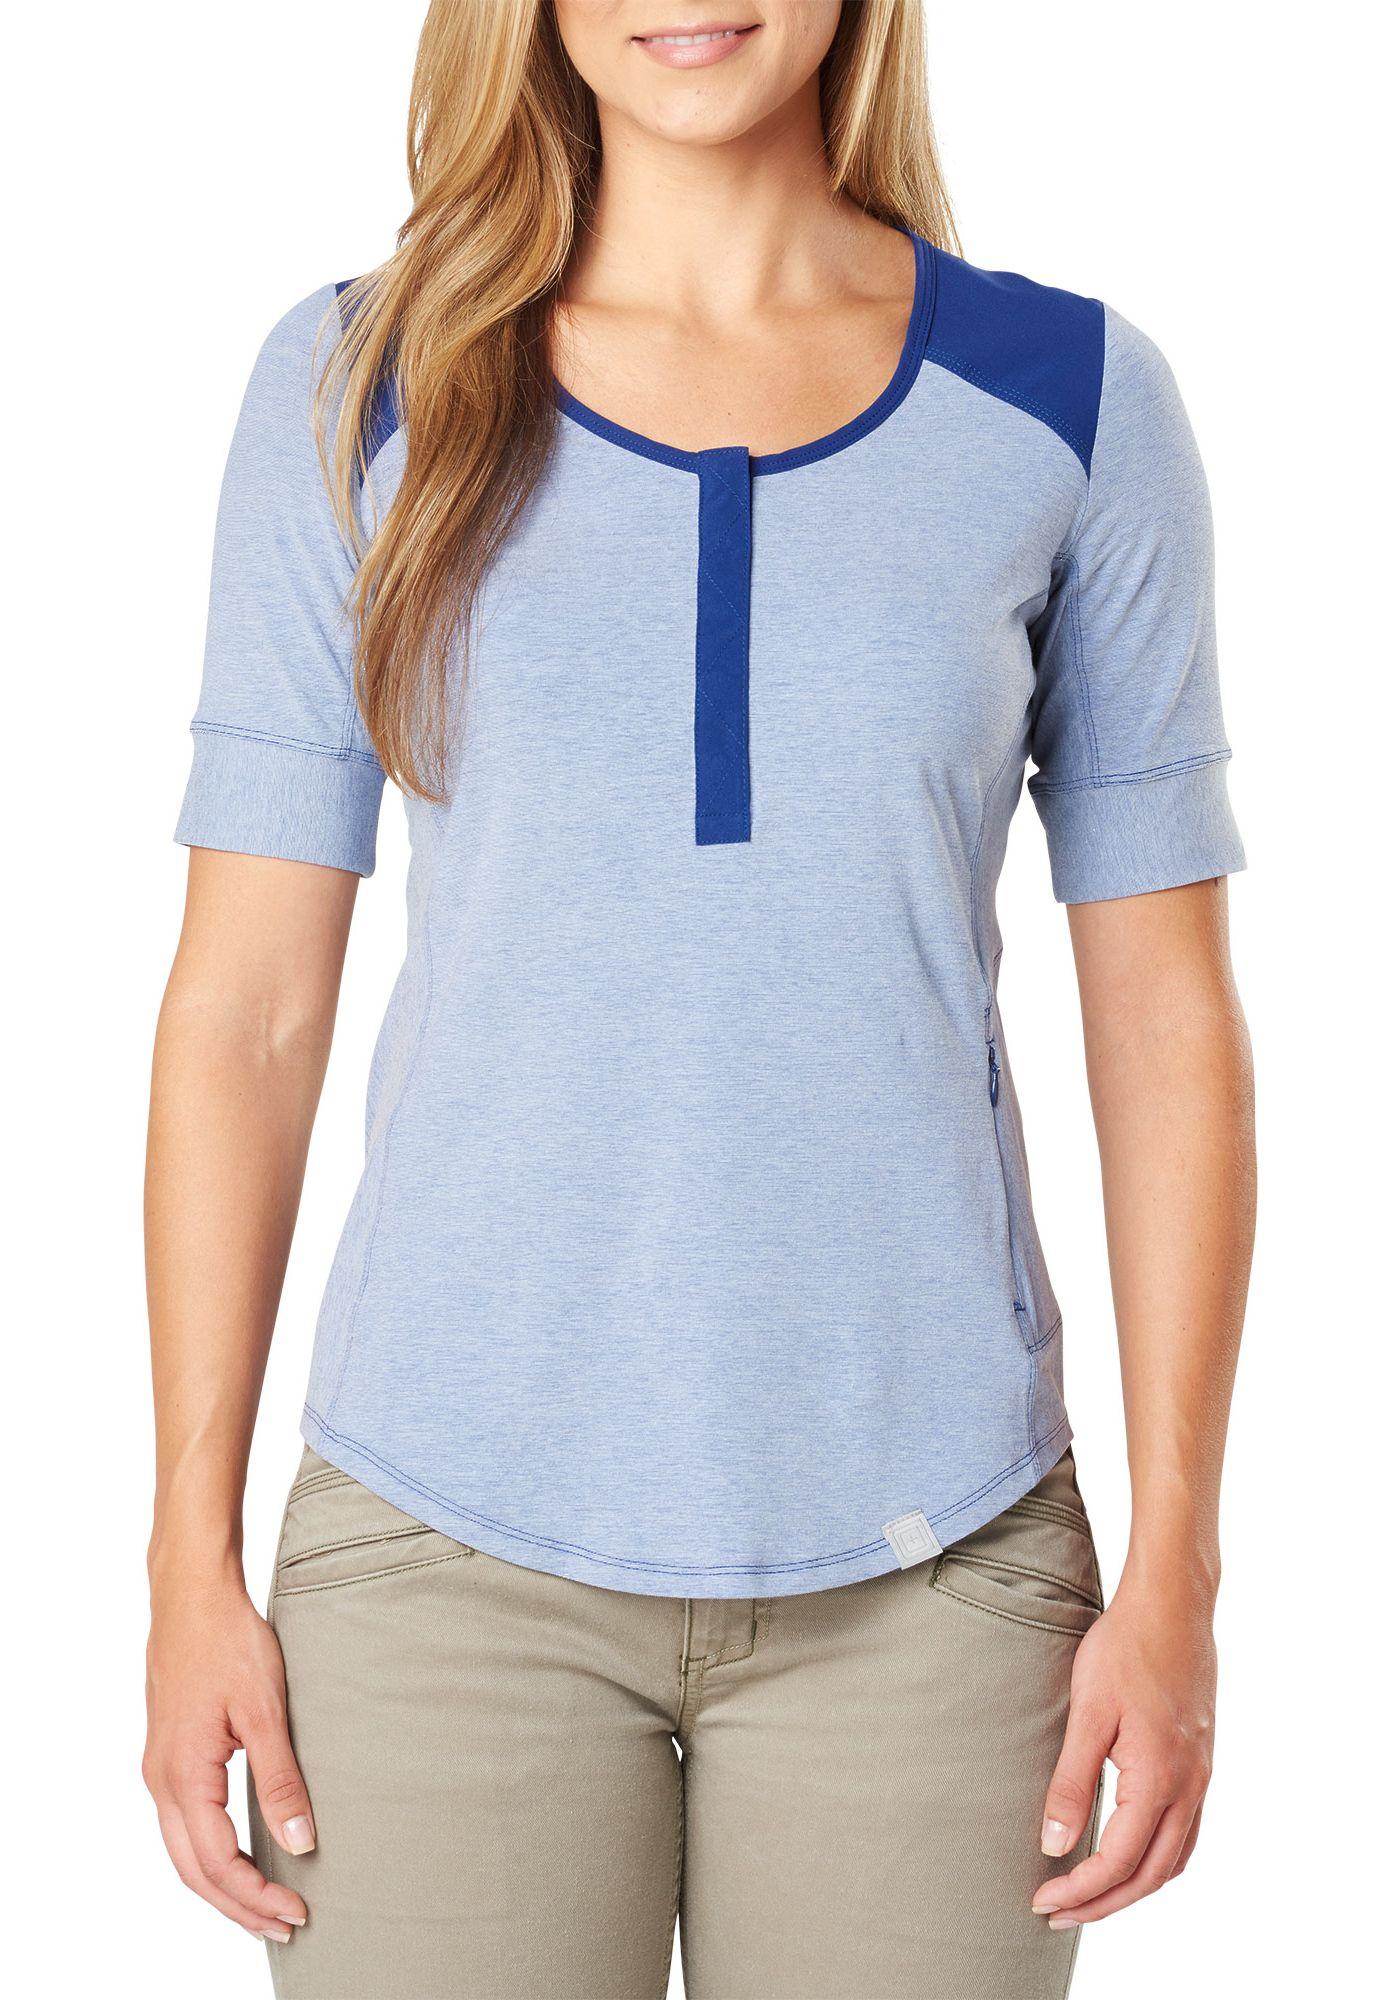 5.11 Tactical Women's Willow Henley Short Sleeve Shirt